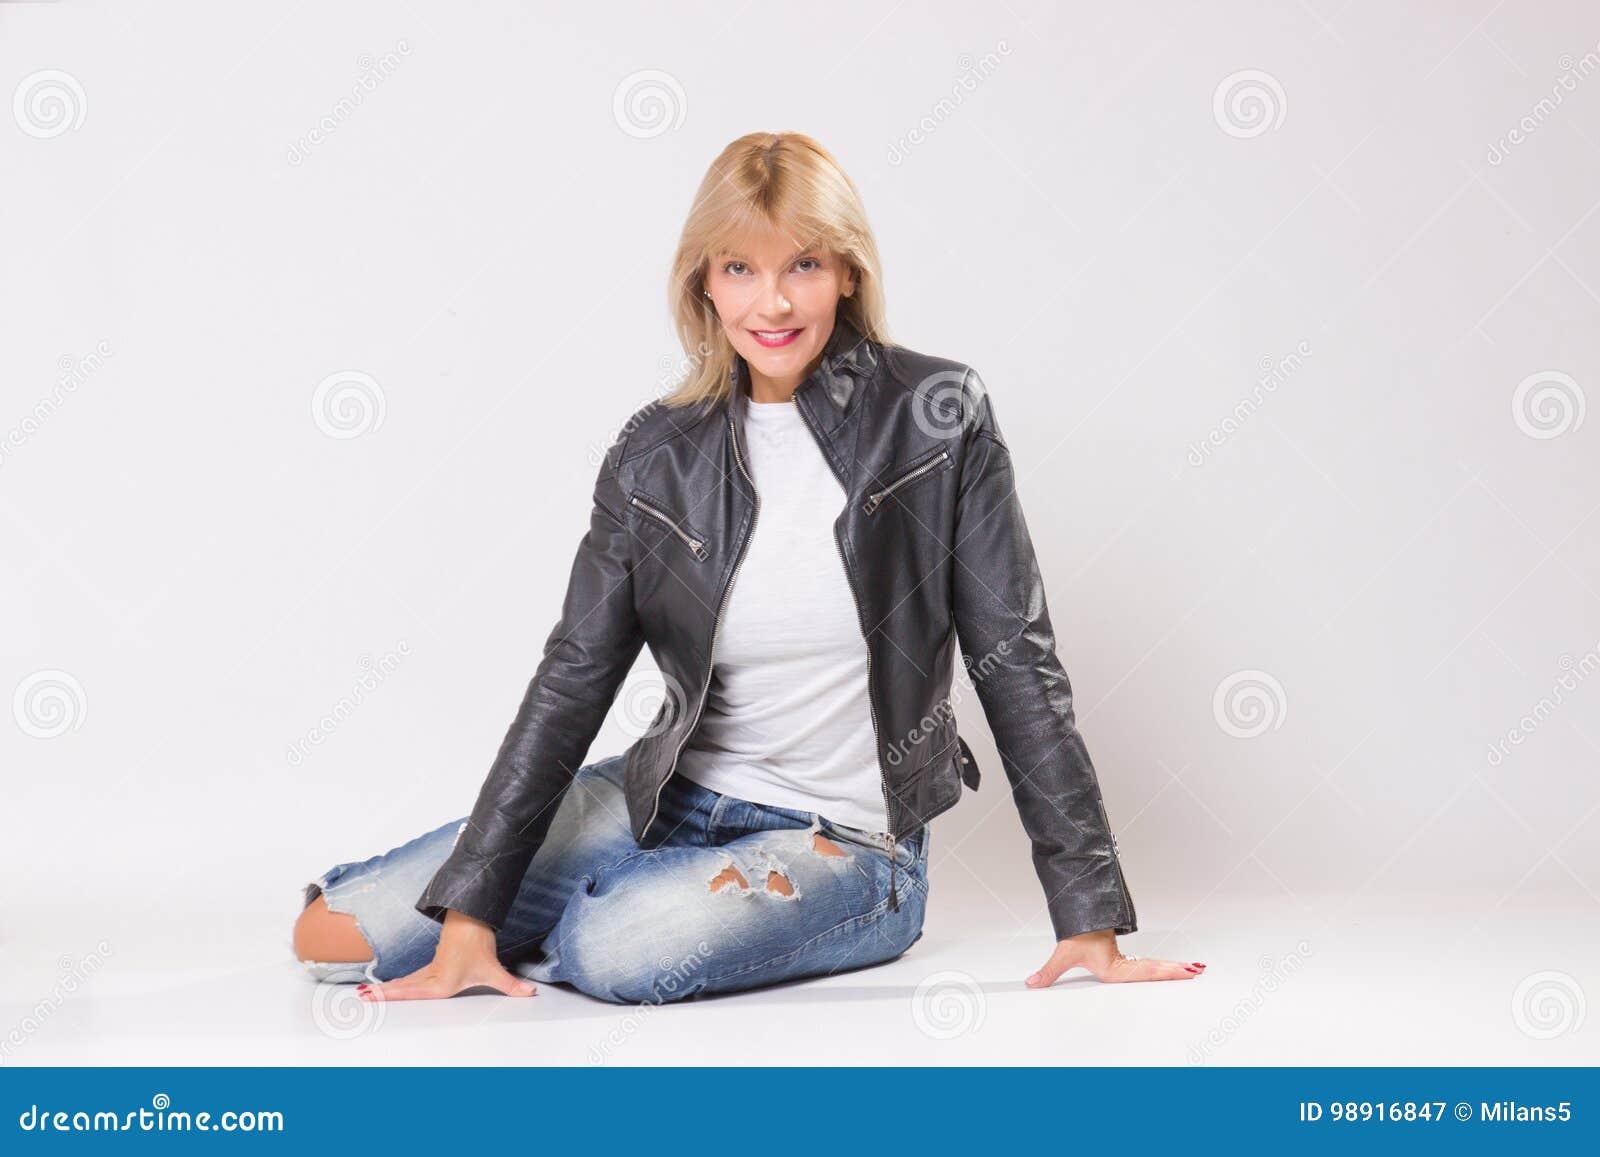 Зрелая дама ретро фото, девушка бурно кончает по вебке